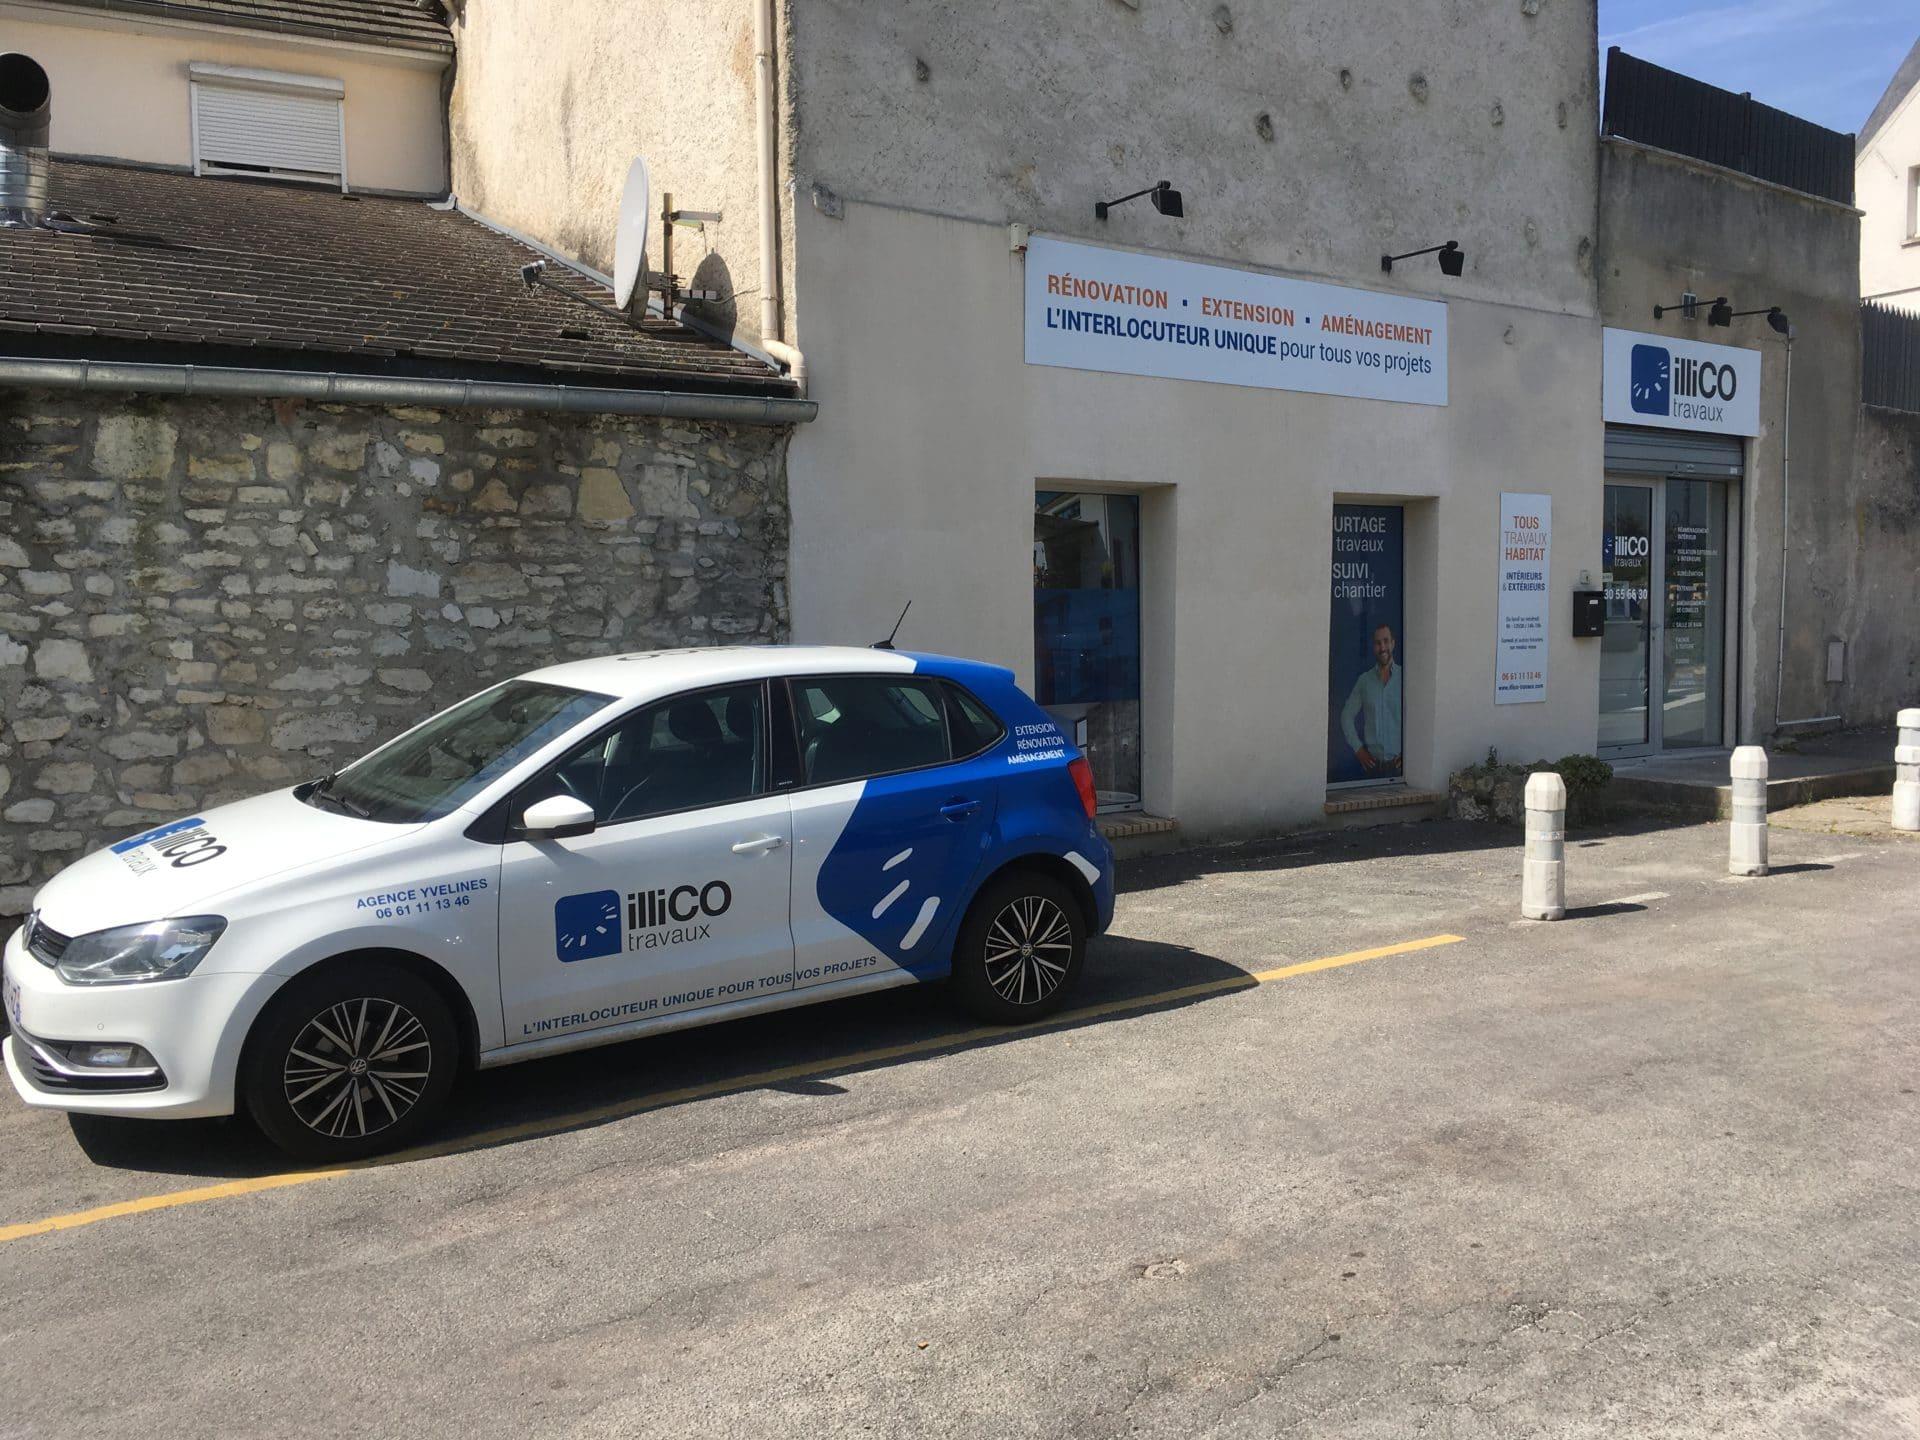 Nouvelle agence pour illiCO travaux Saint Quentin-en-Yvelines – Versailles